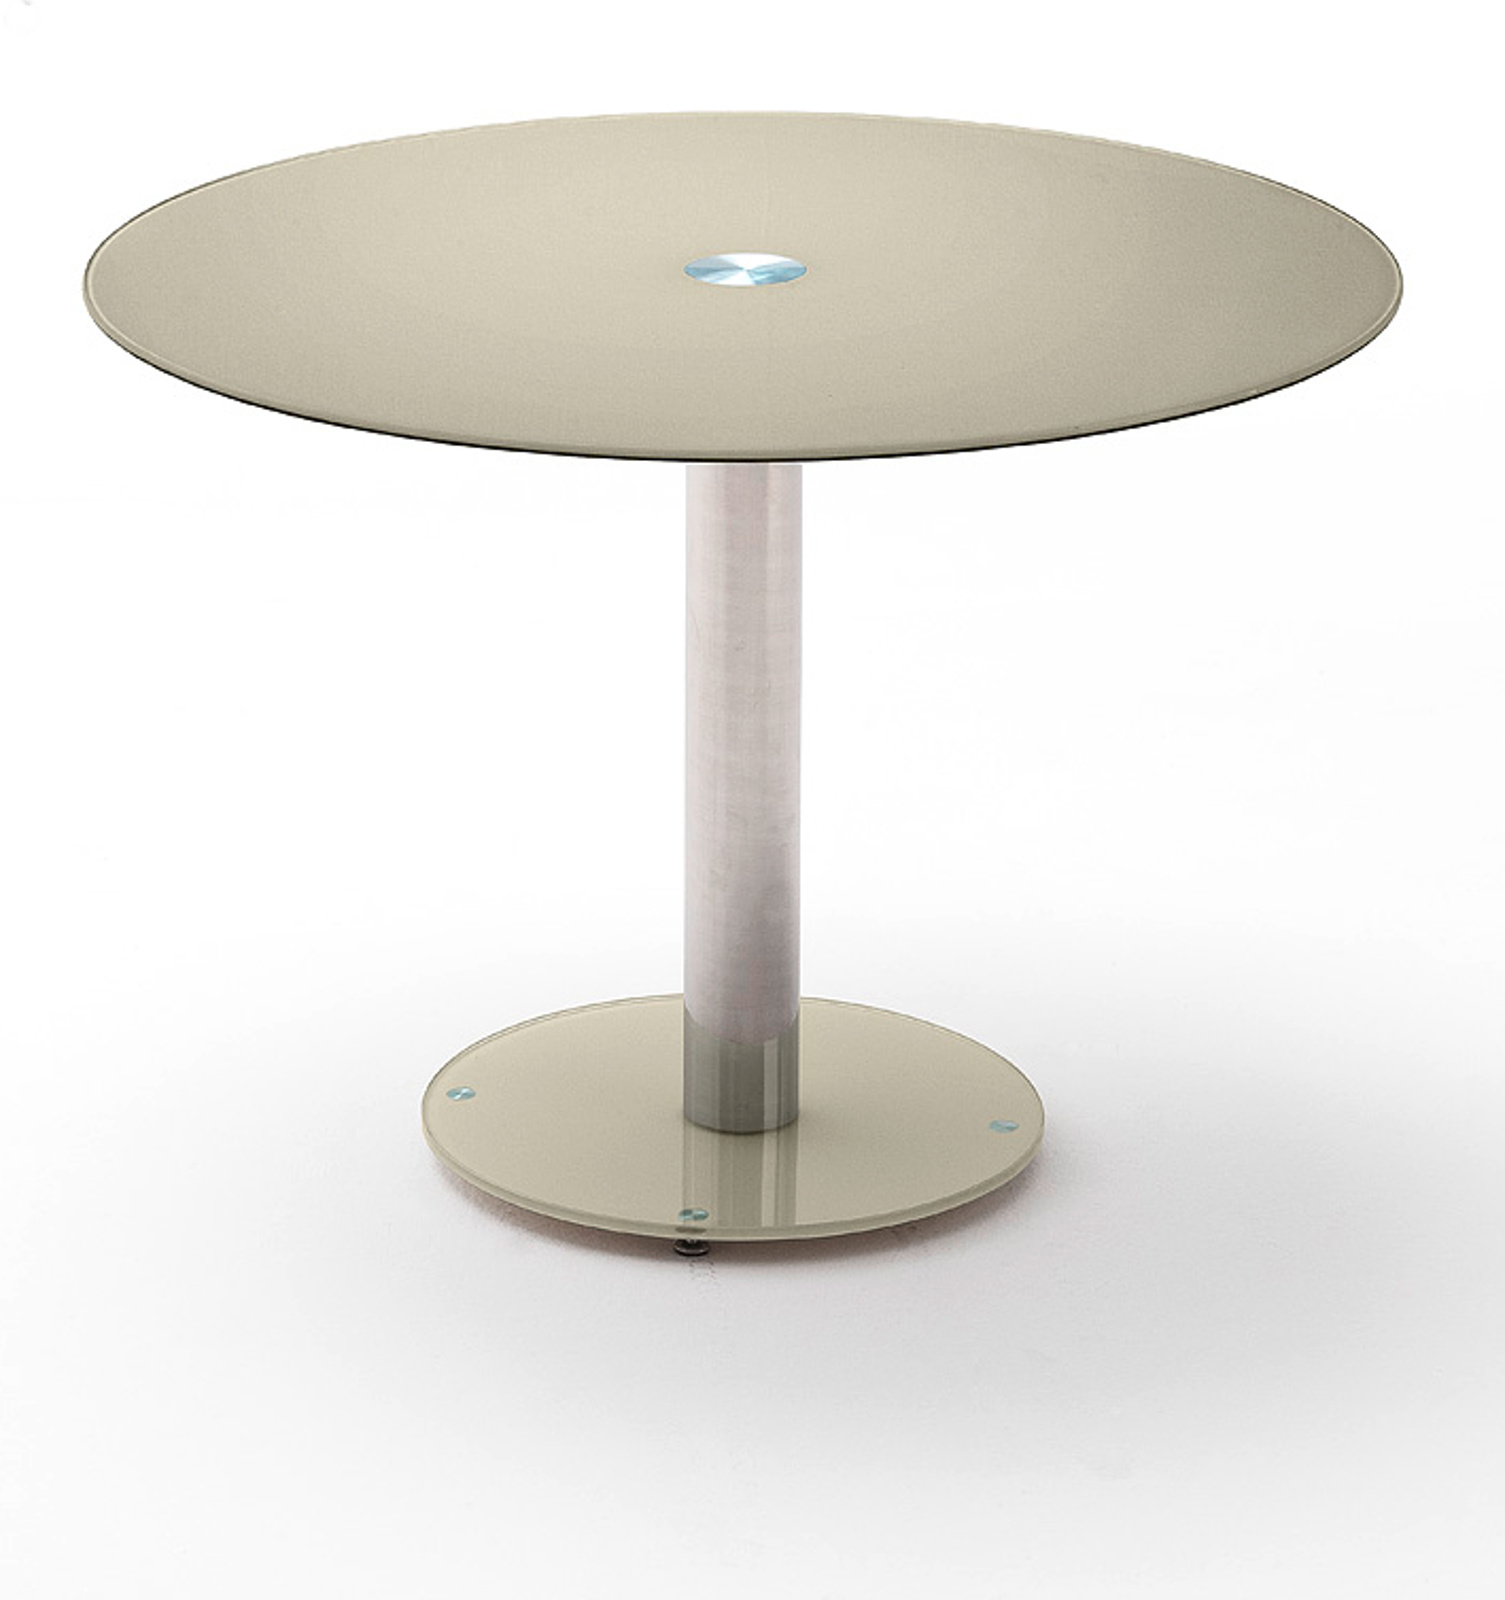 esstisch falko glas rund 100 cm durchmesser. Black Bedroom Furniture Sets. Home Design Ideas